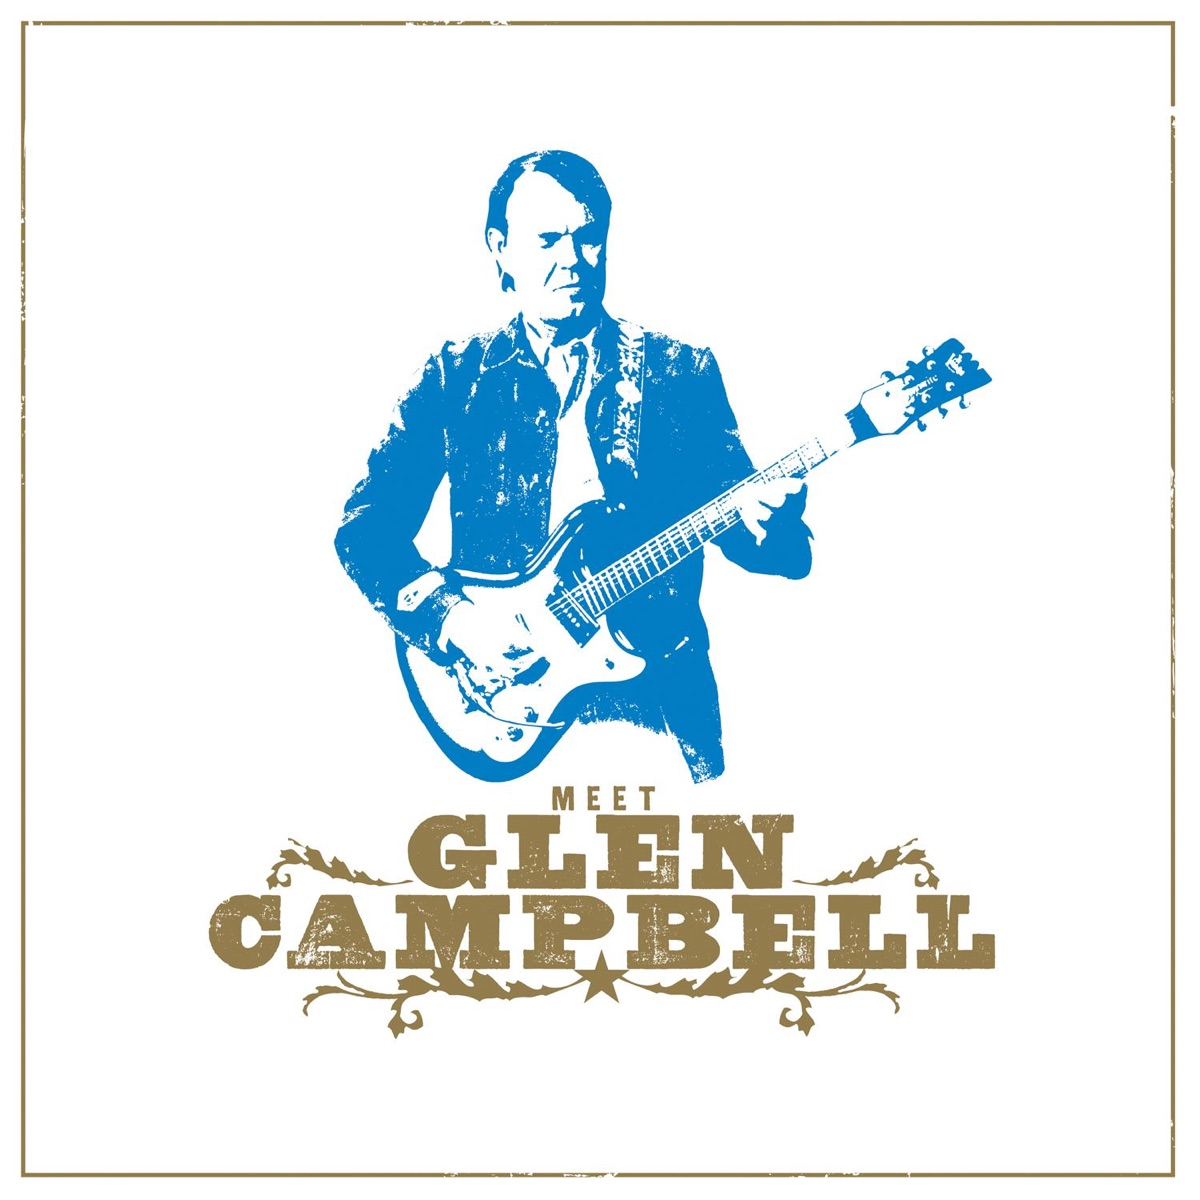 Meet Glen Campbell Glen Campbell CD cover